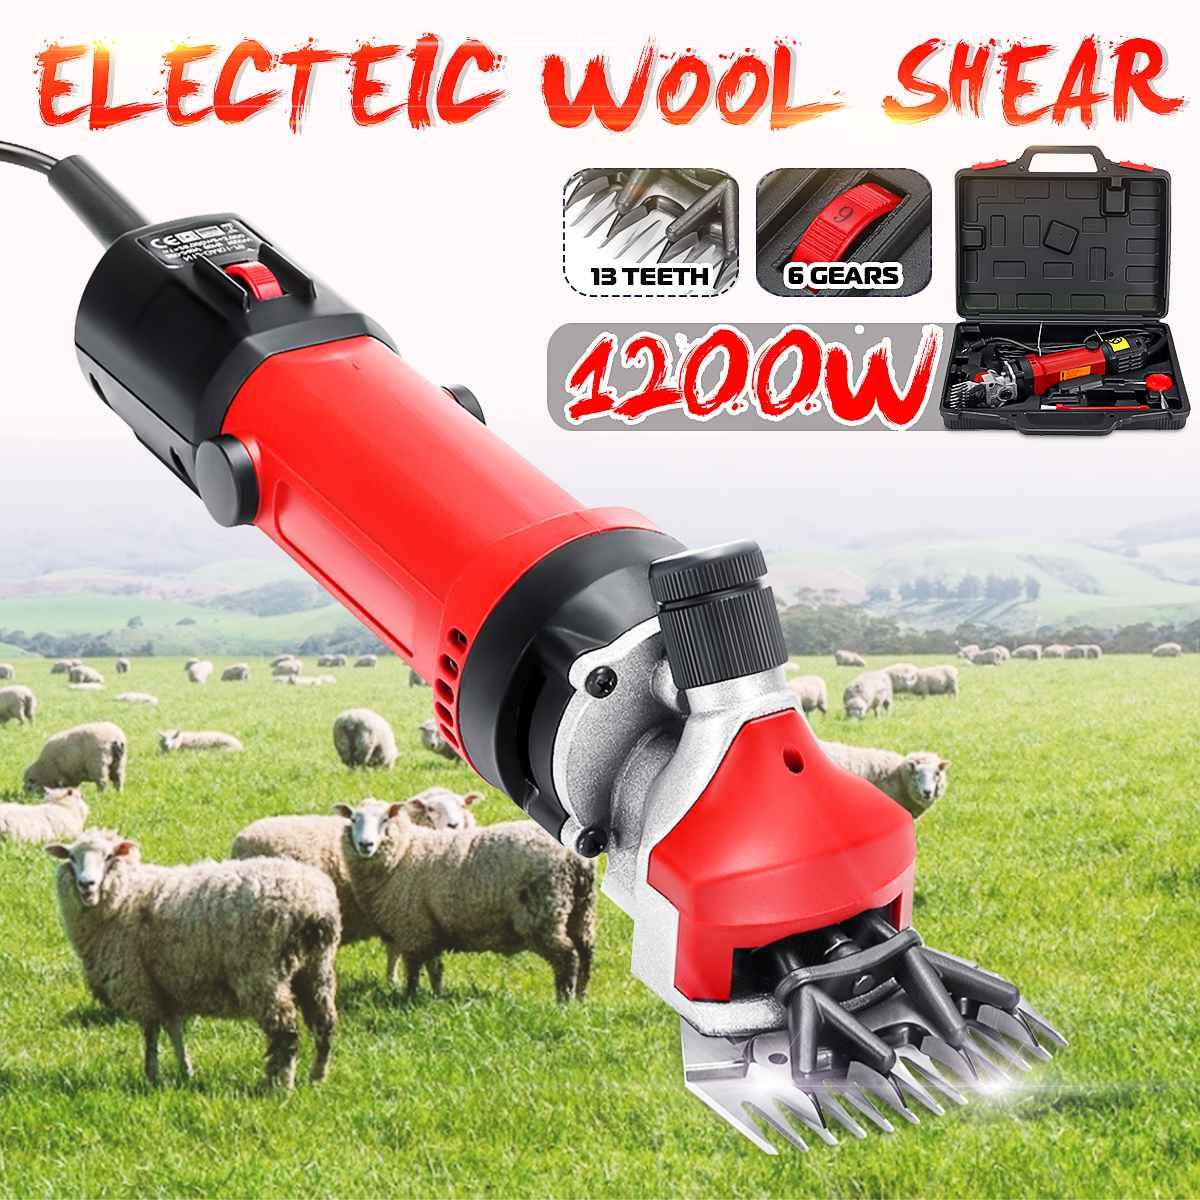 1200 Вт электрическая машинка для стрижки овец и домашних животных с европейской вилкой, набор для стрижки волос, ножницы для стрижки шерсти,